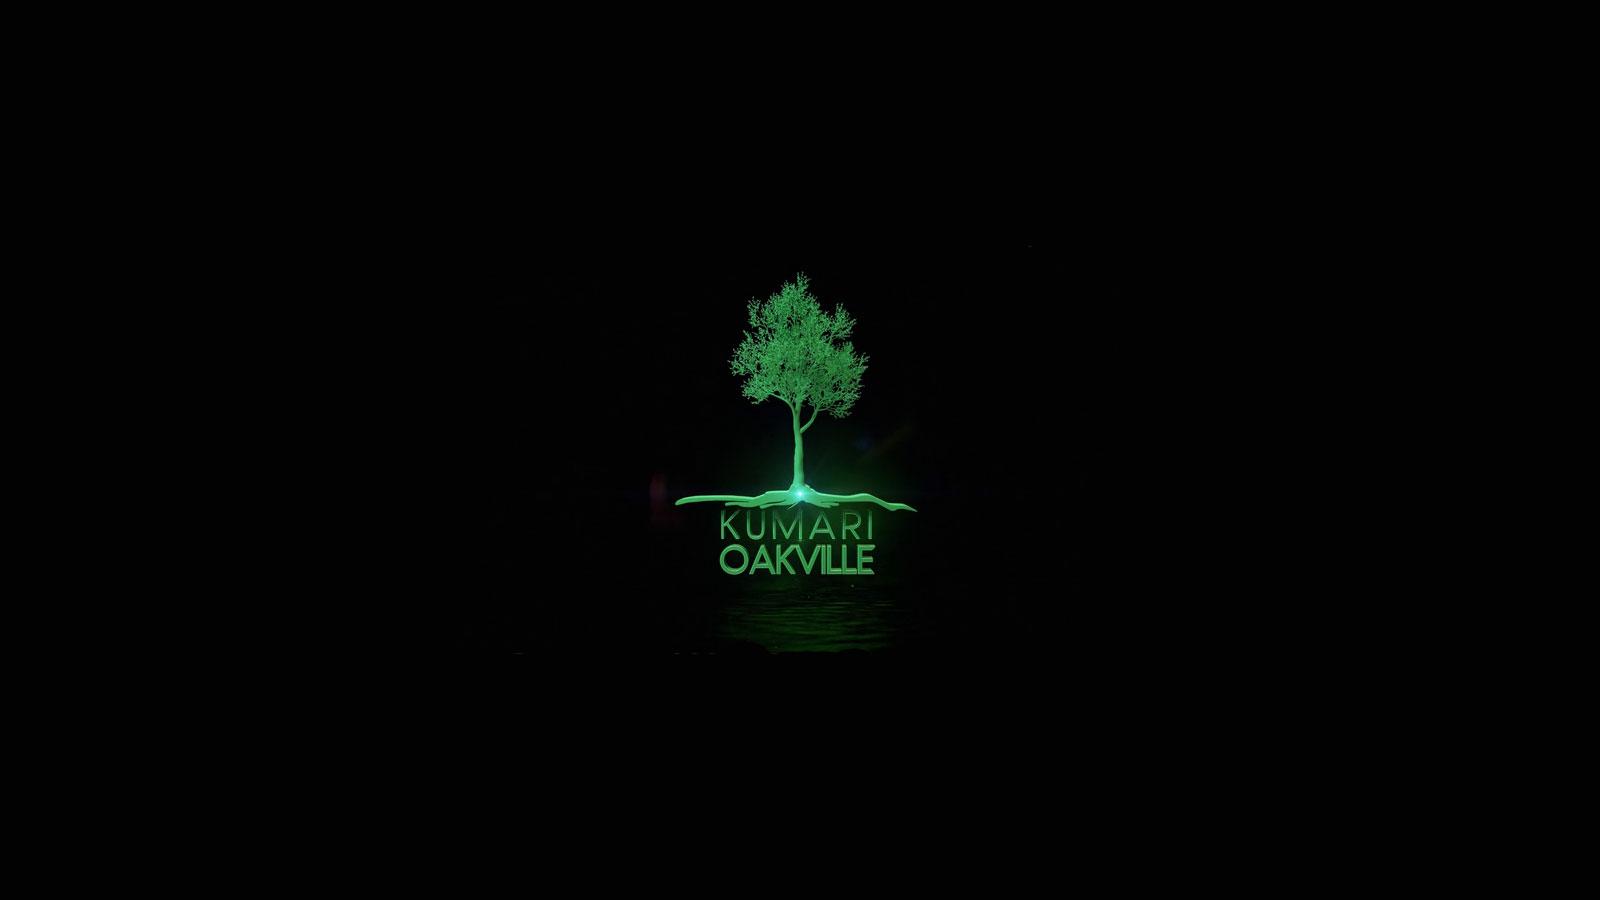 kumari oakville villas on sarjapur homepage video banner